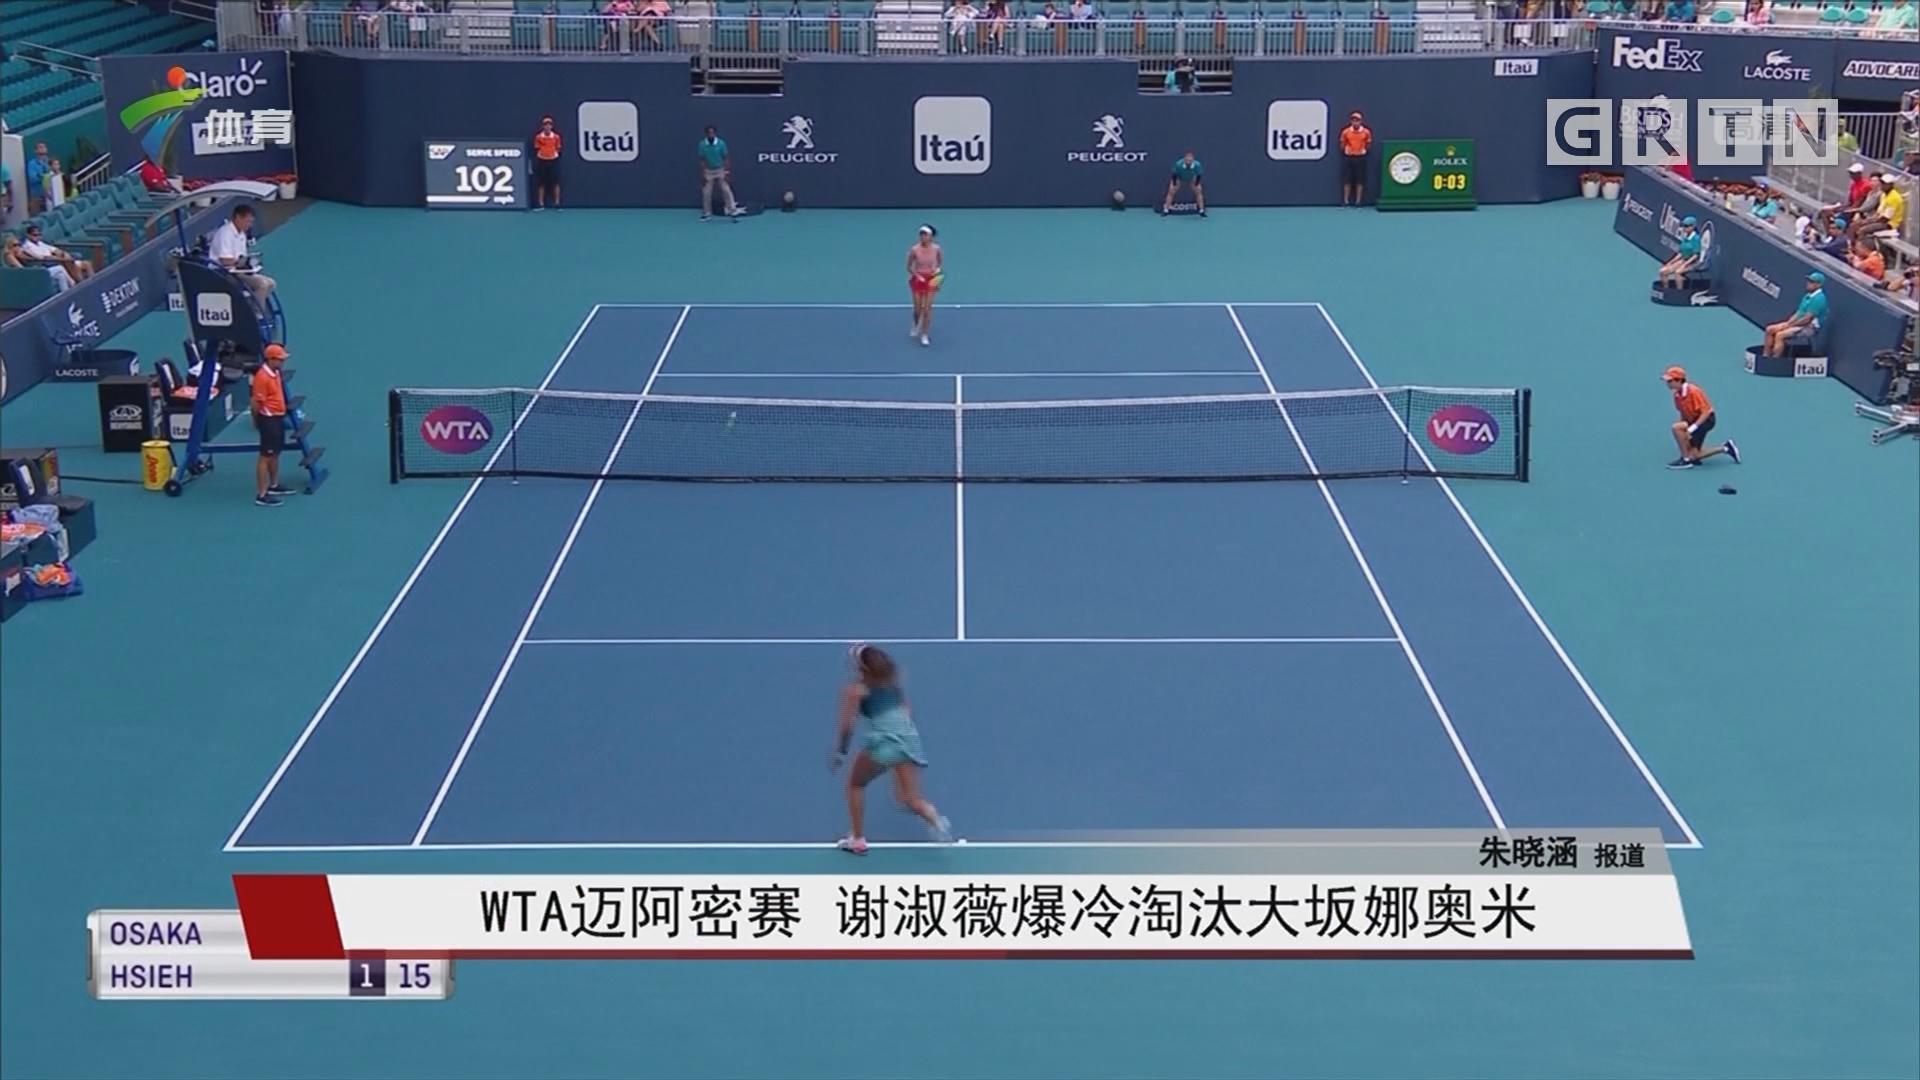 WTA迈阿密赛 谢淑薇爆冷淘汰大坂娜奥米